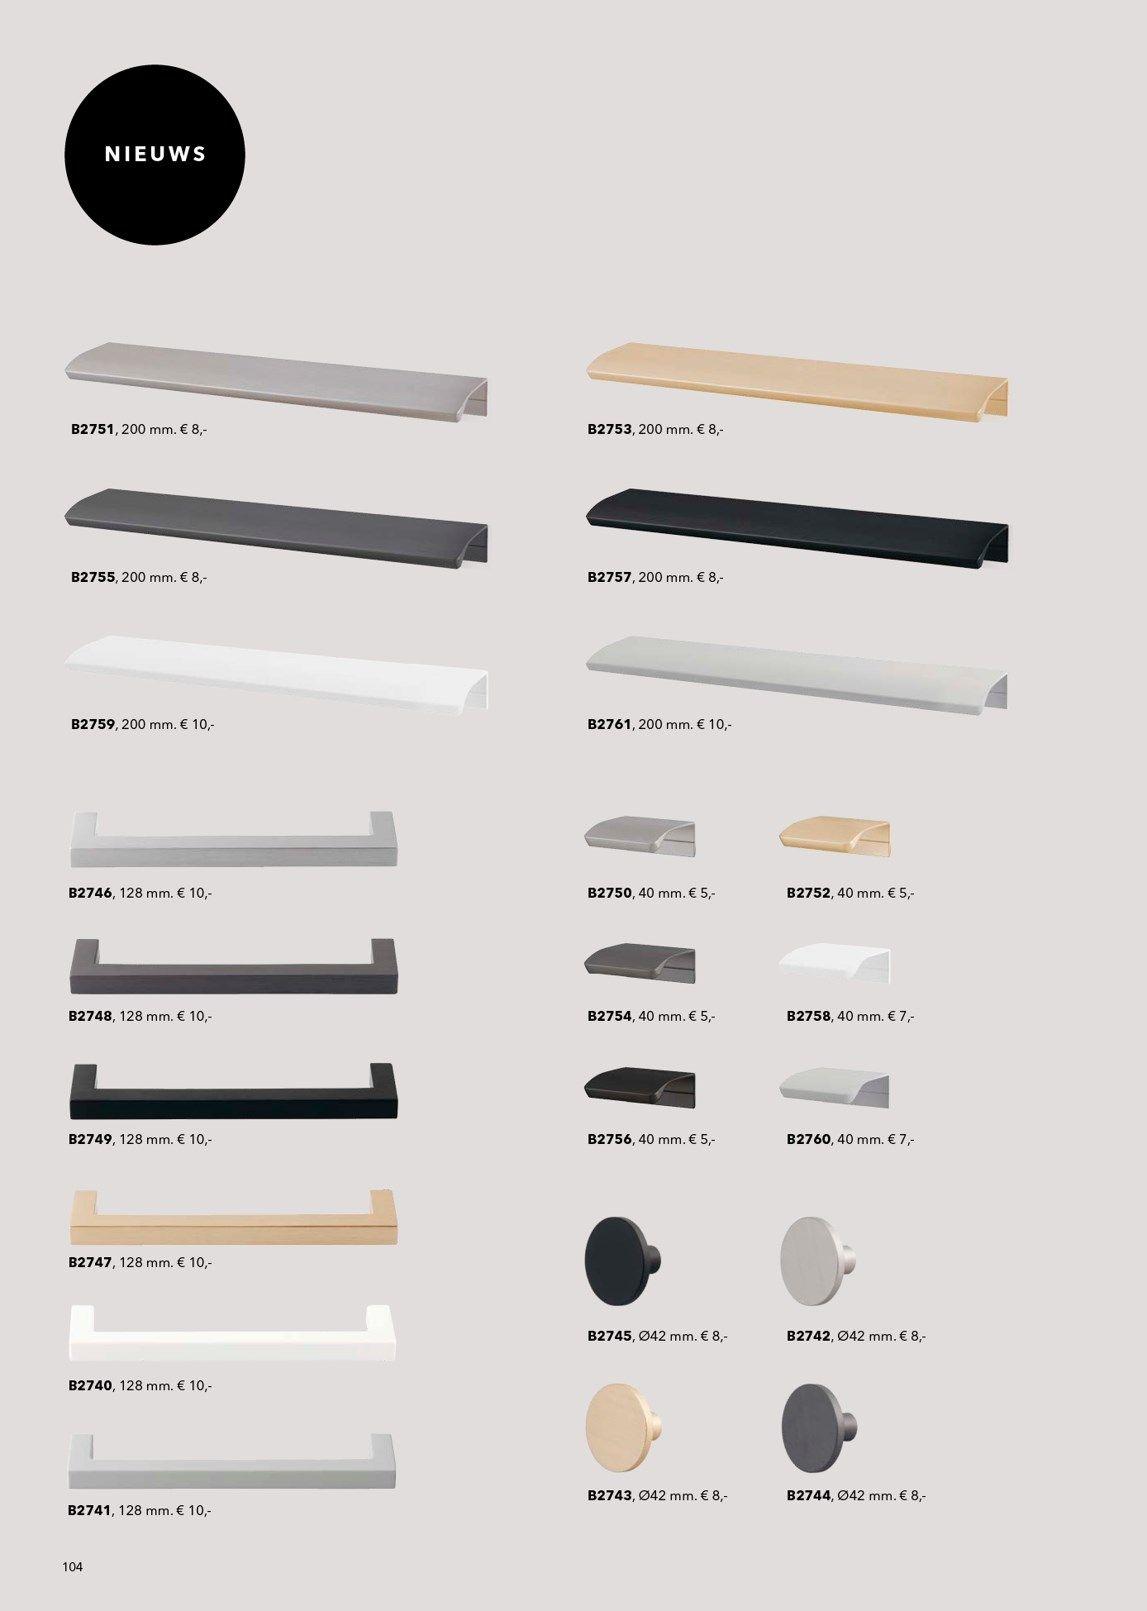 Kvik Pagina 104 Zwarte Of Geborsteld Gouden Handgrepen V A 8 In 2020 Wardrobe Handles Kitchen Pendant Lighting Tile Edge